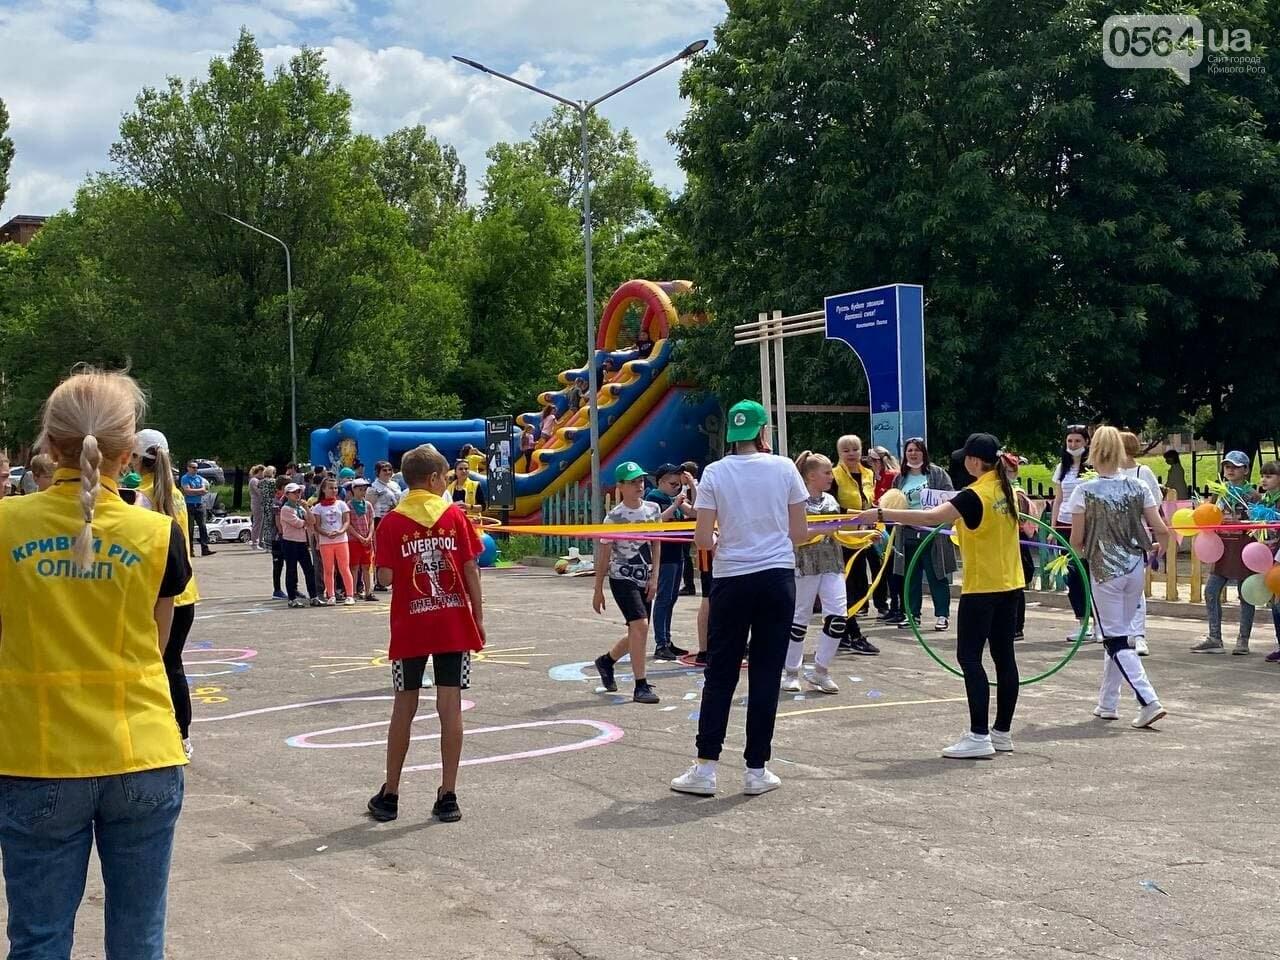 В Кривом Роге для детей провели спартакиаду, - ФОТО, ВИДЕО  , фото-1